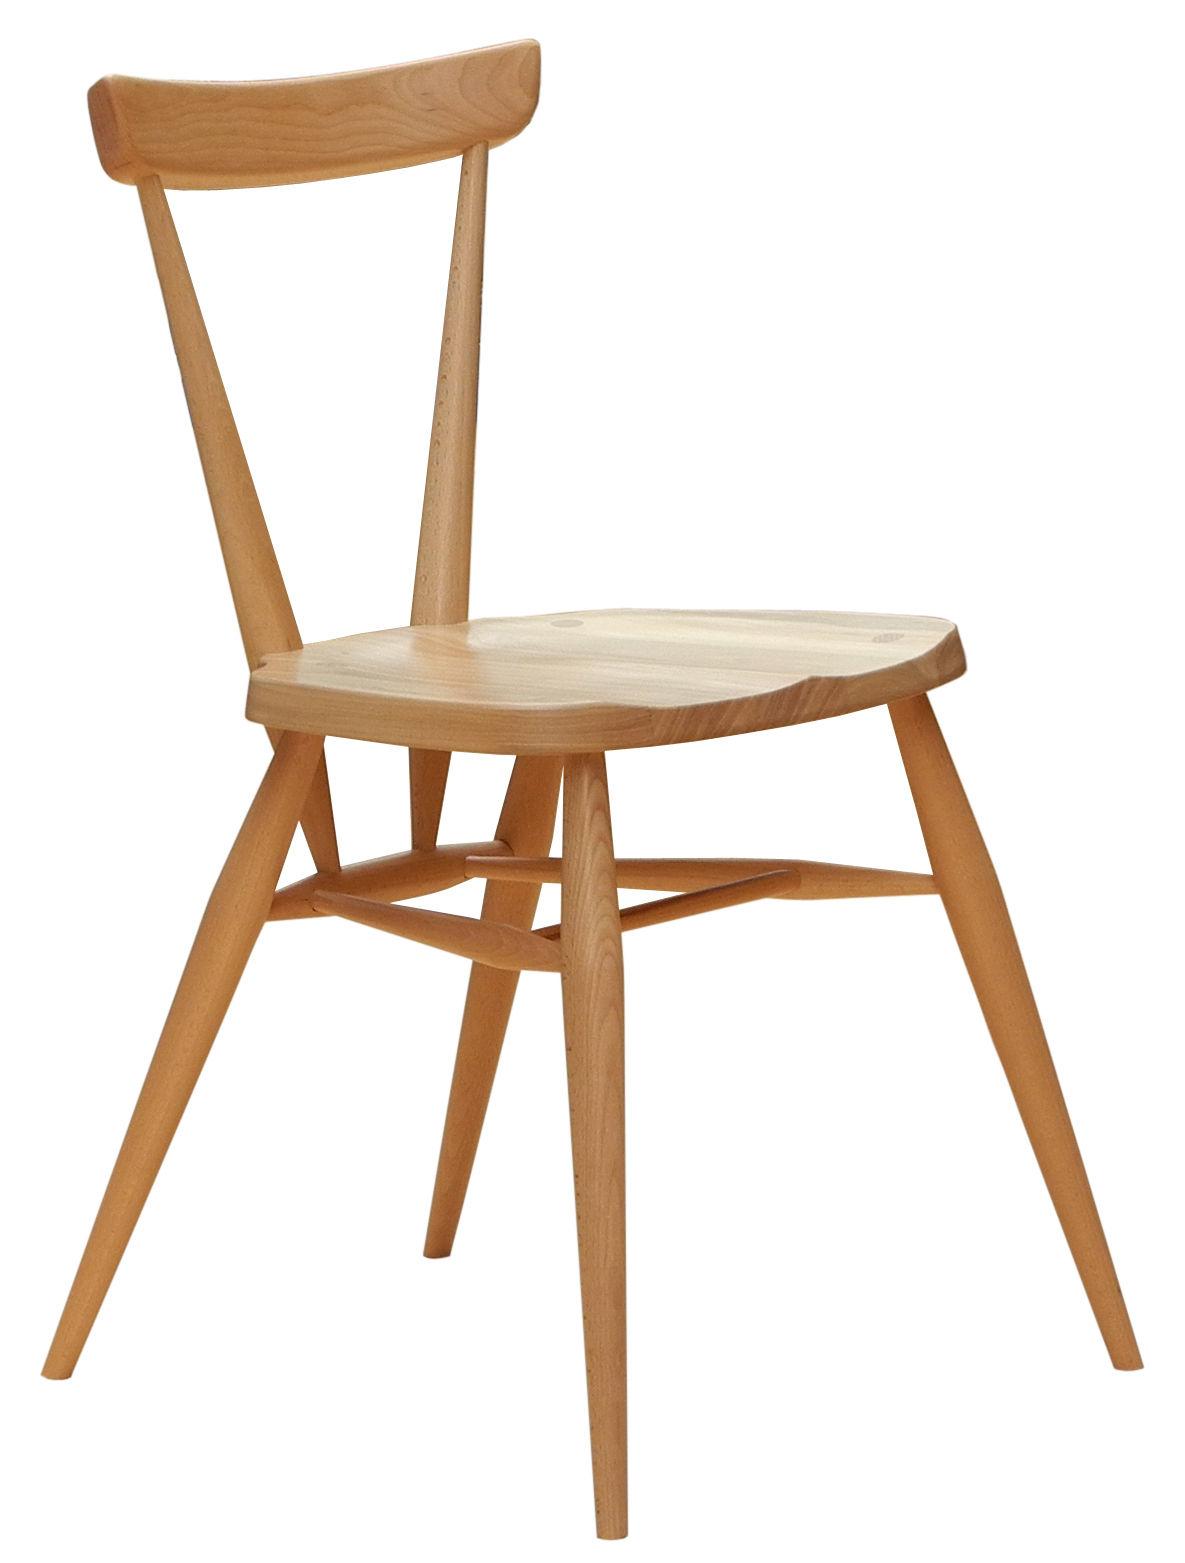 Mobilier - Chaises, fauteuils de salle à manger - Chaise Stacking / Bois - Réédition 1957 - Ercol - Bois naturel - Hêtre massif, Orme massif